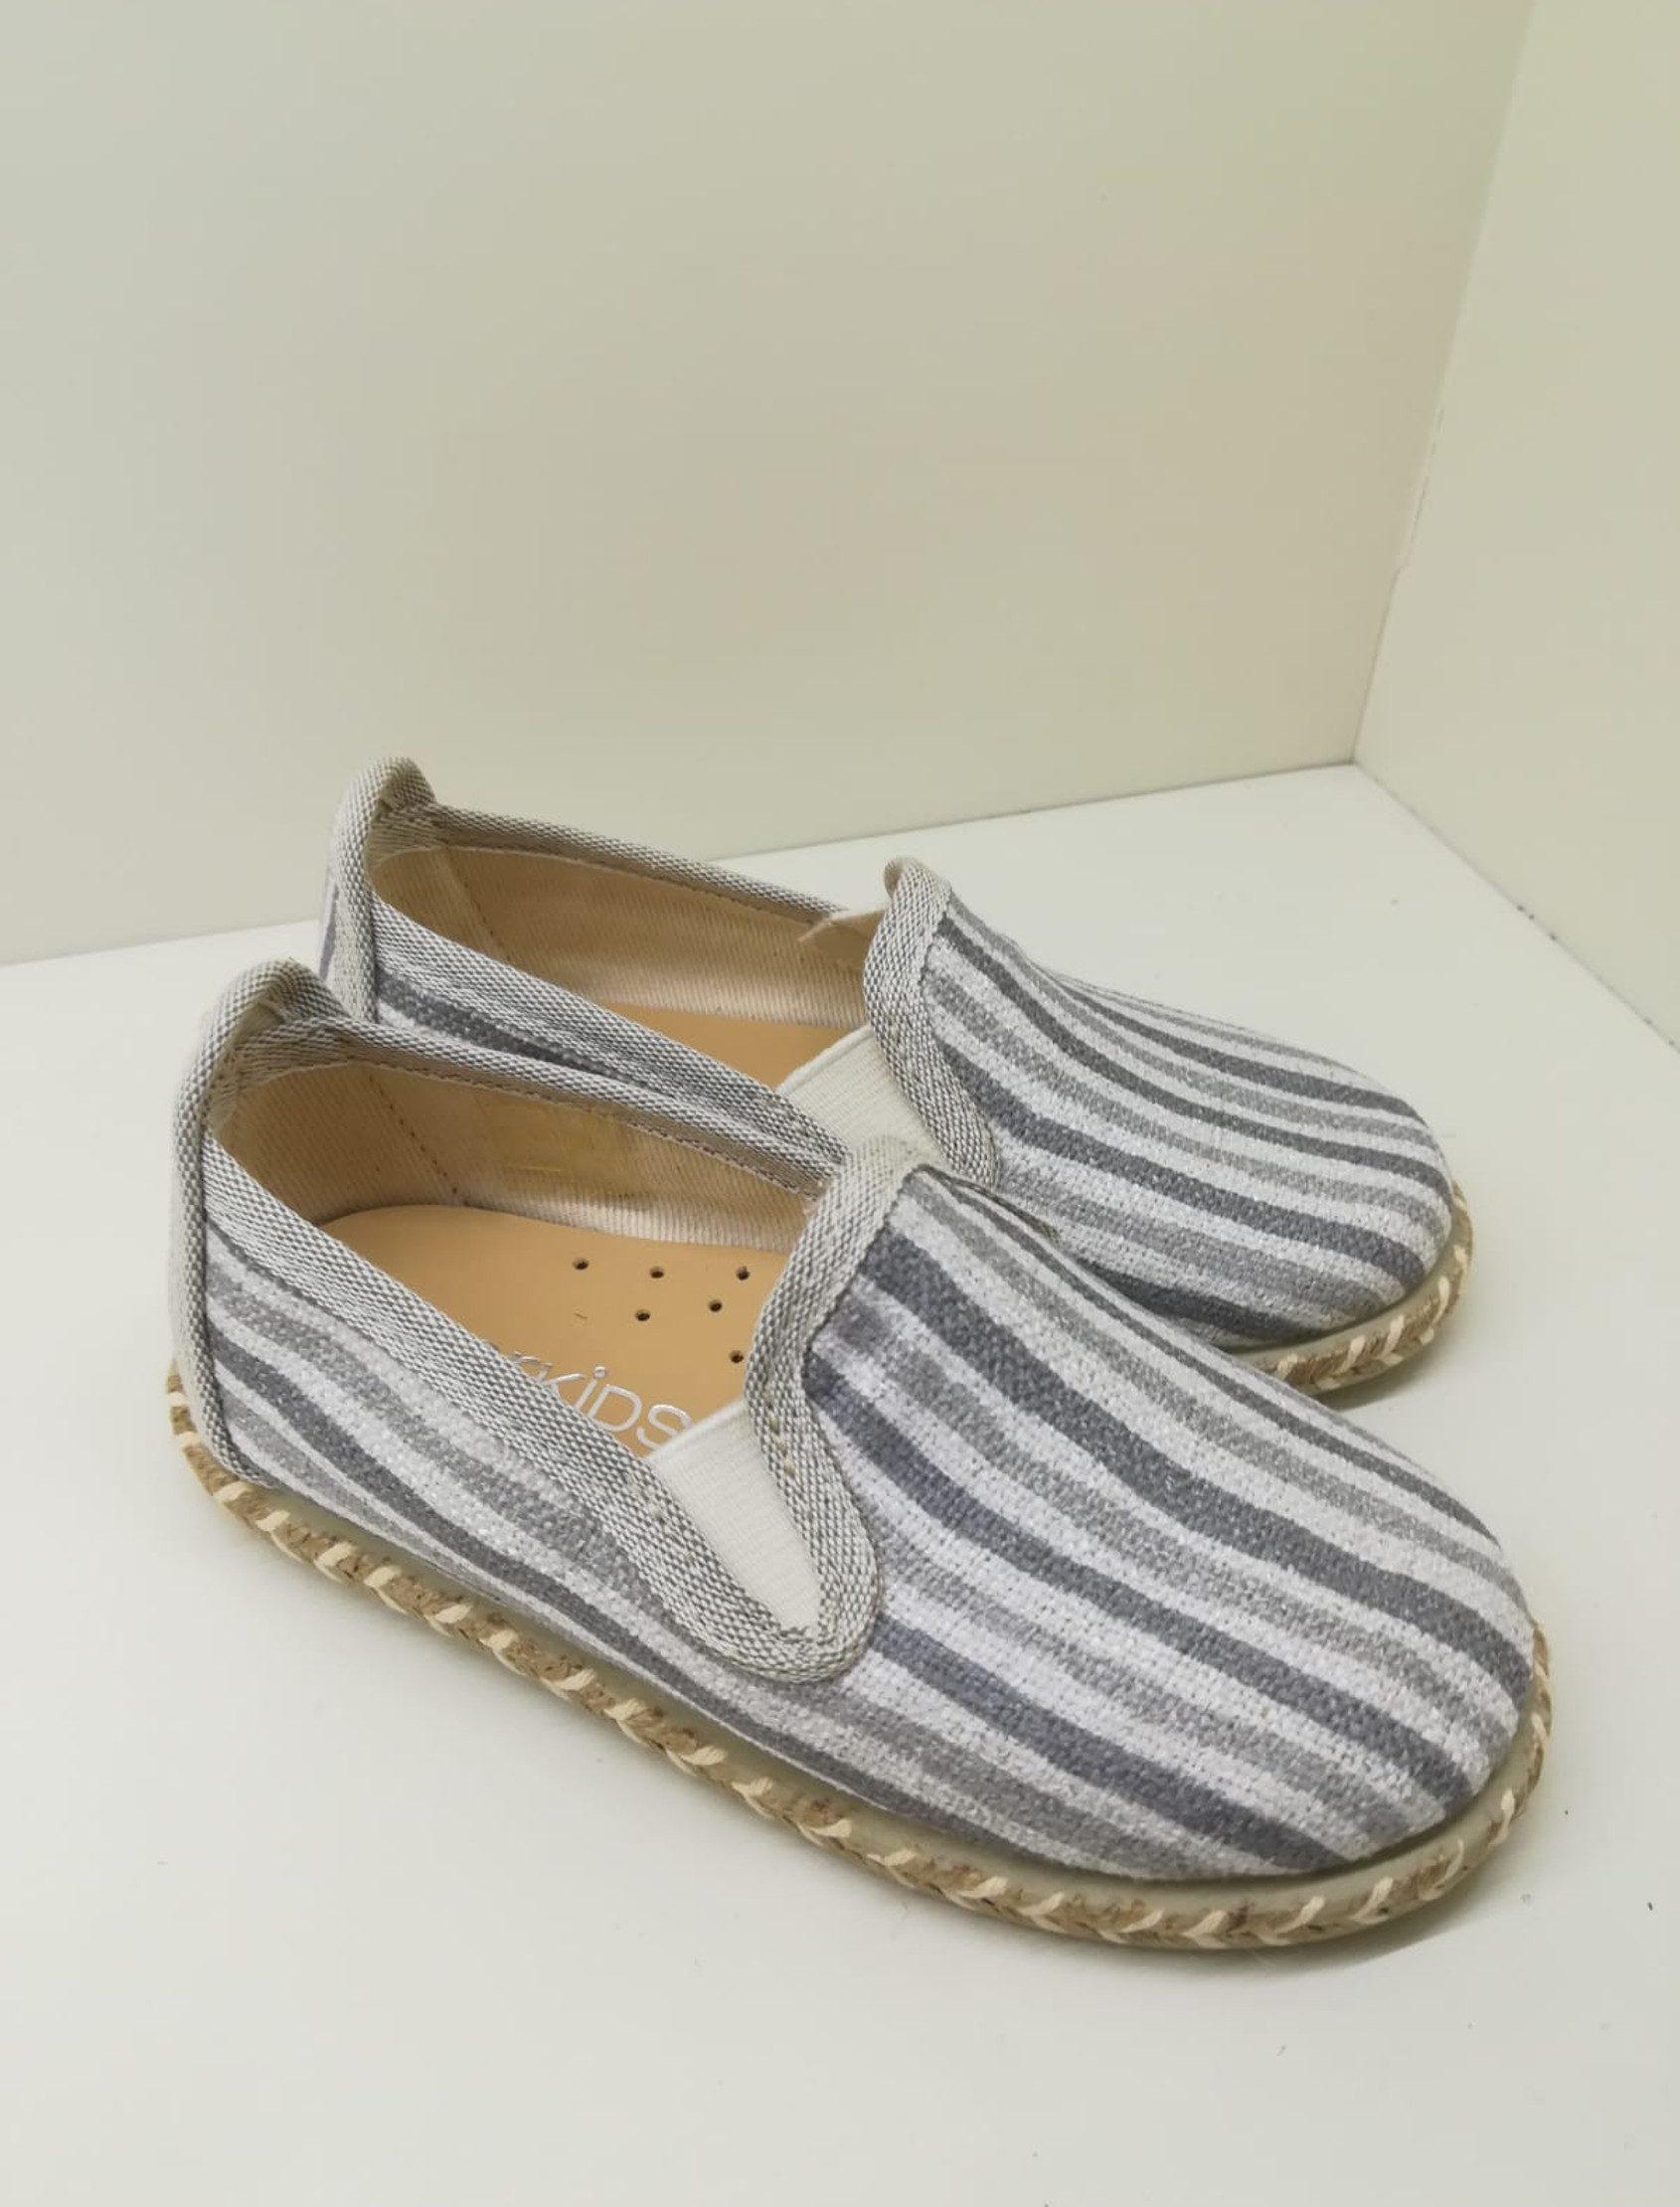 Alpargata en lino con rayas en diferentes tonos grises. Plantilla de piel.